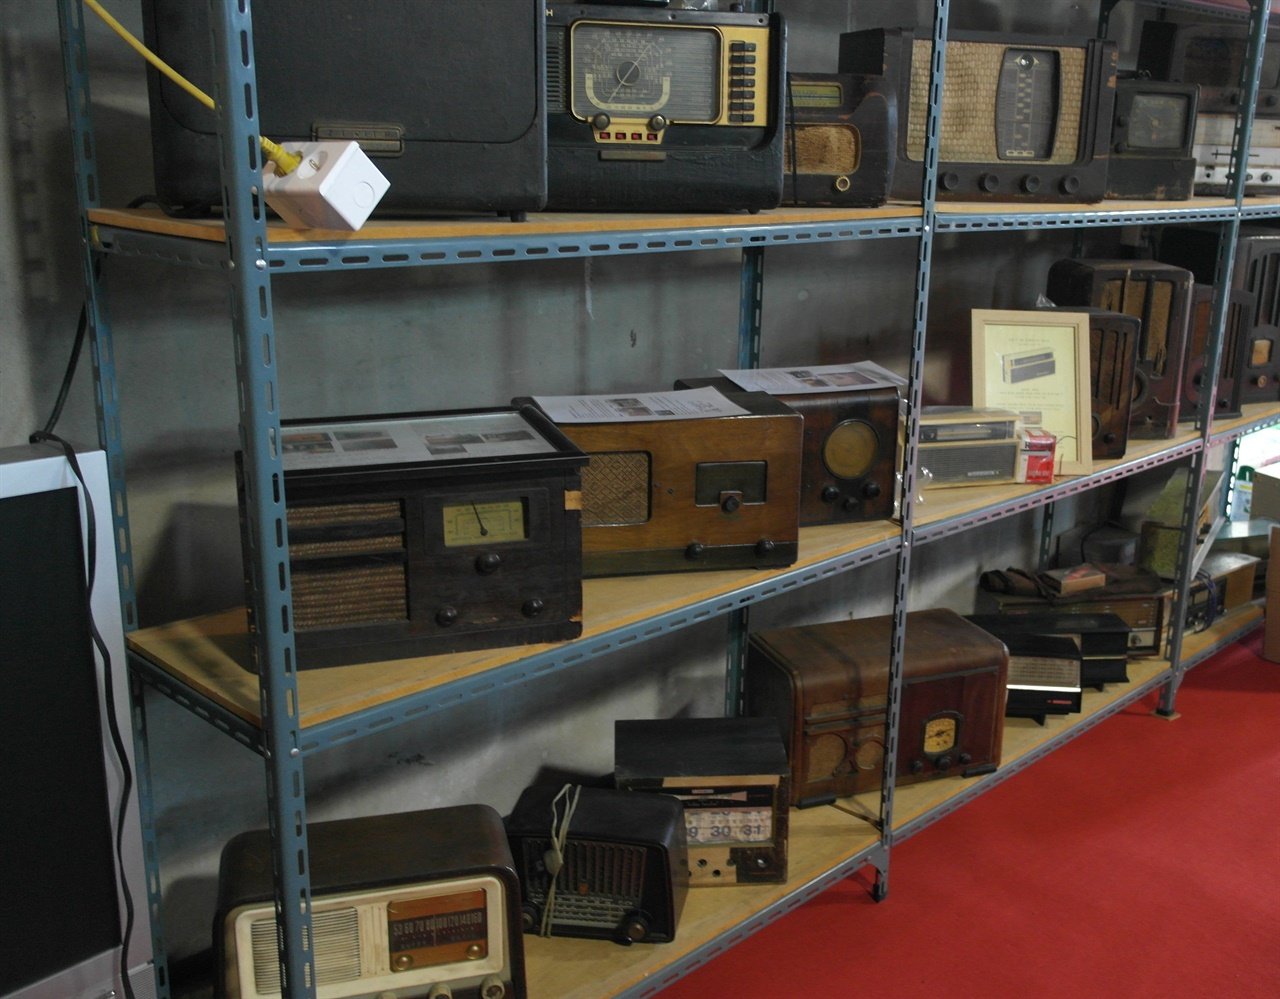 구형 라디오 백화점 같은 군산 근대소리박물관 전시장